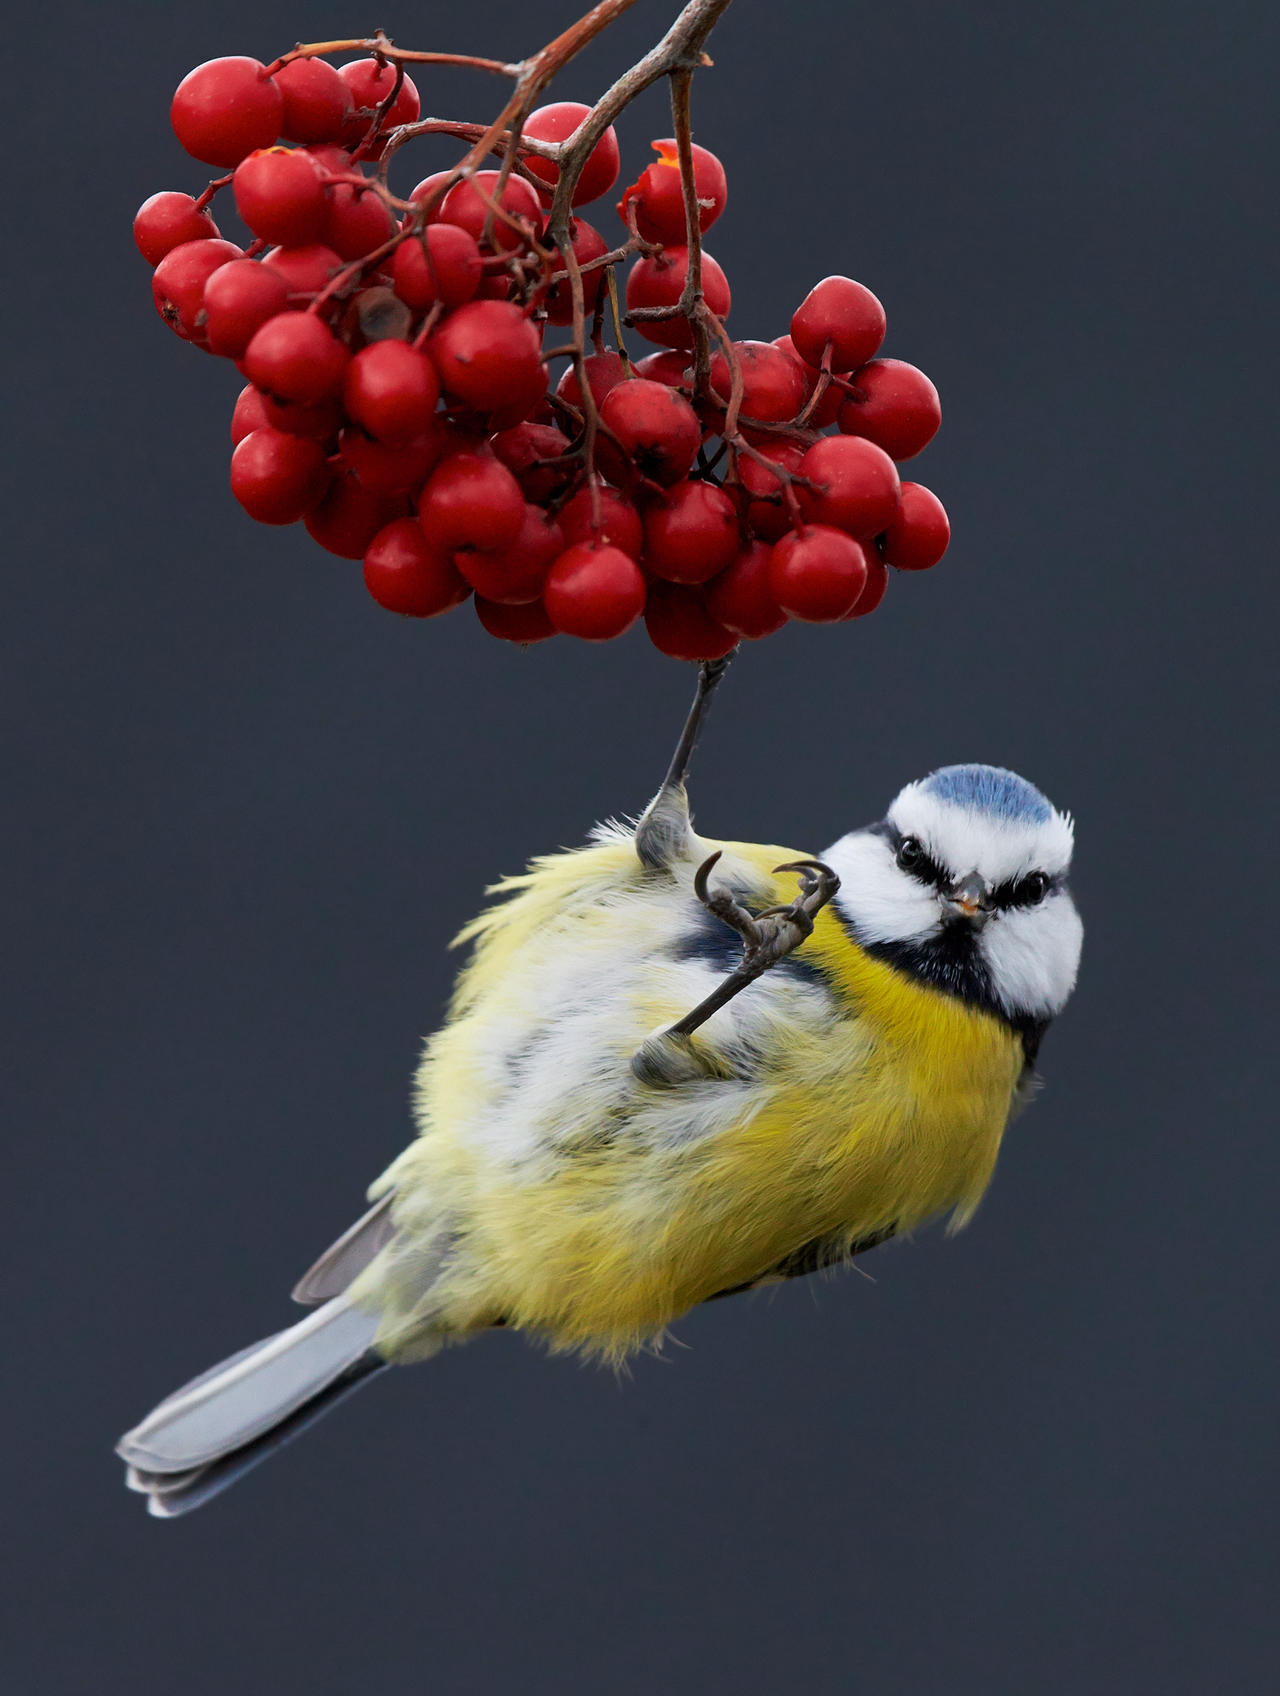 Синяя синица на ягодах, © Маркус Варесвуо, Фотоконкурс «Птичий фотограф года»